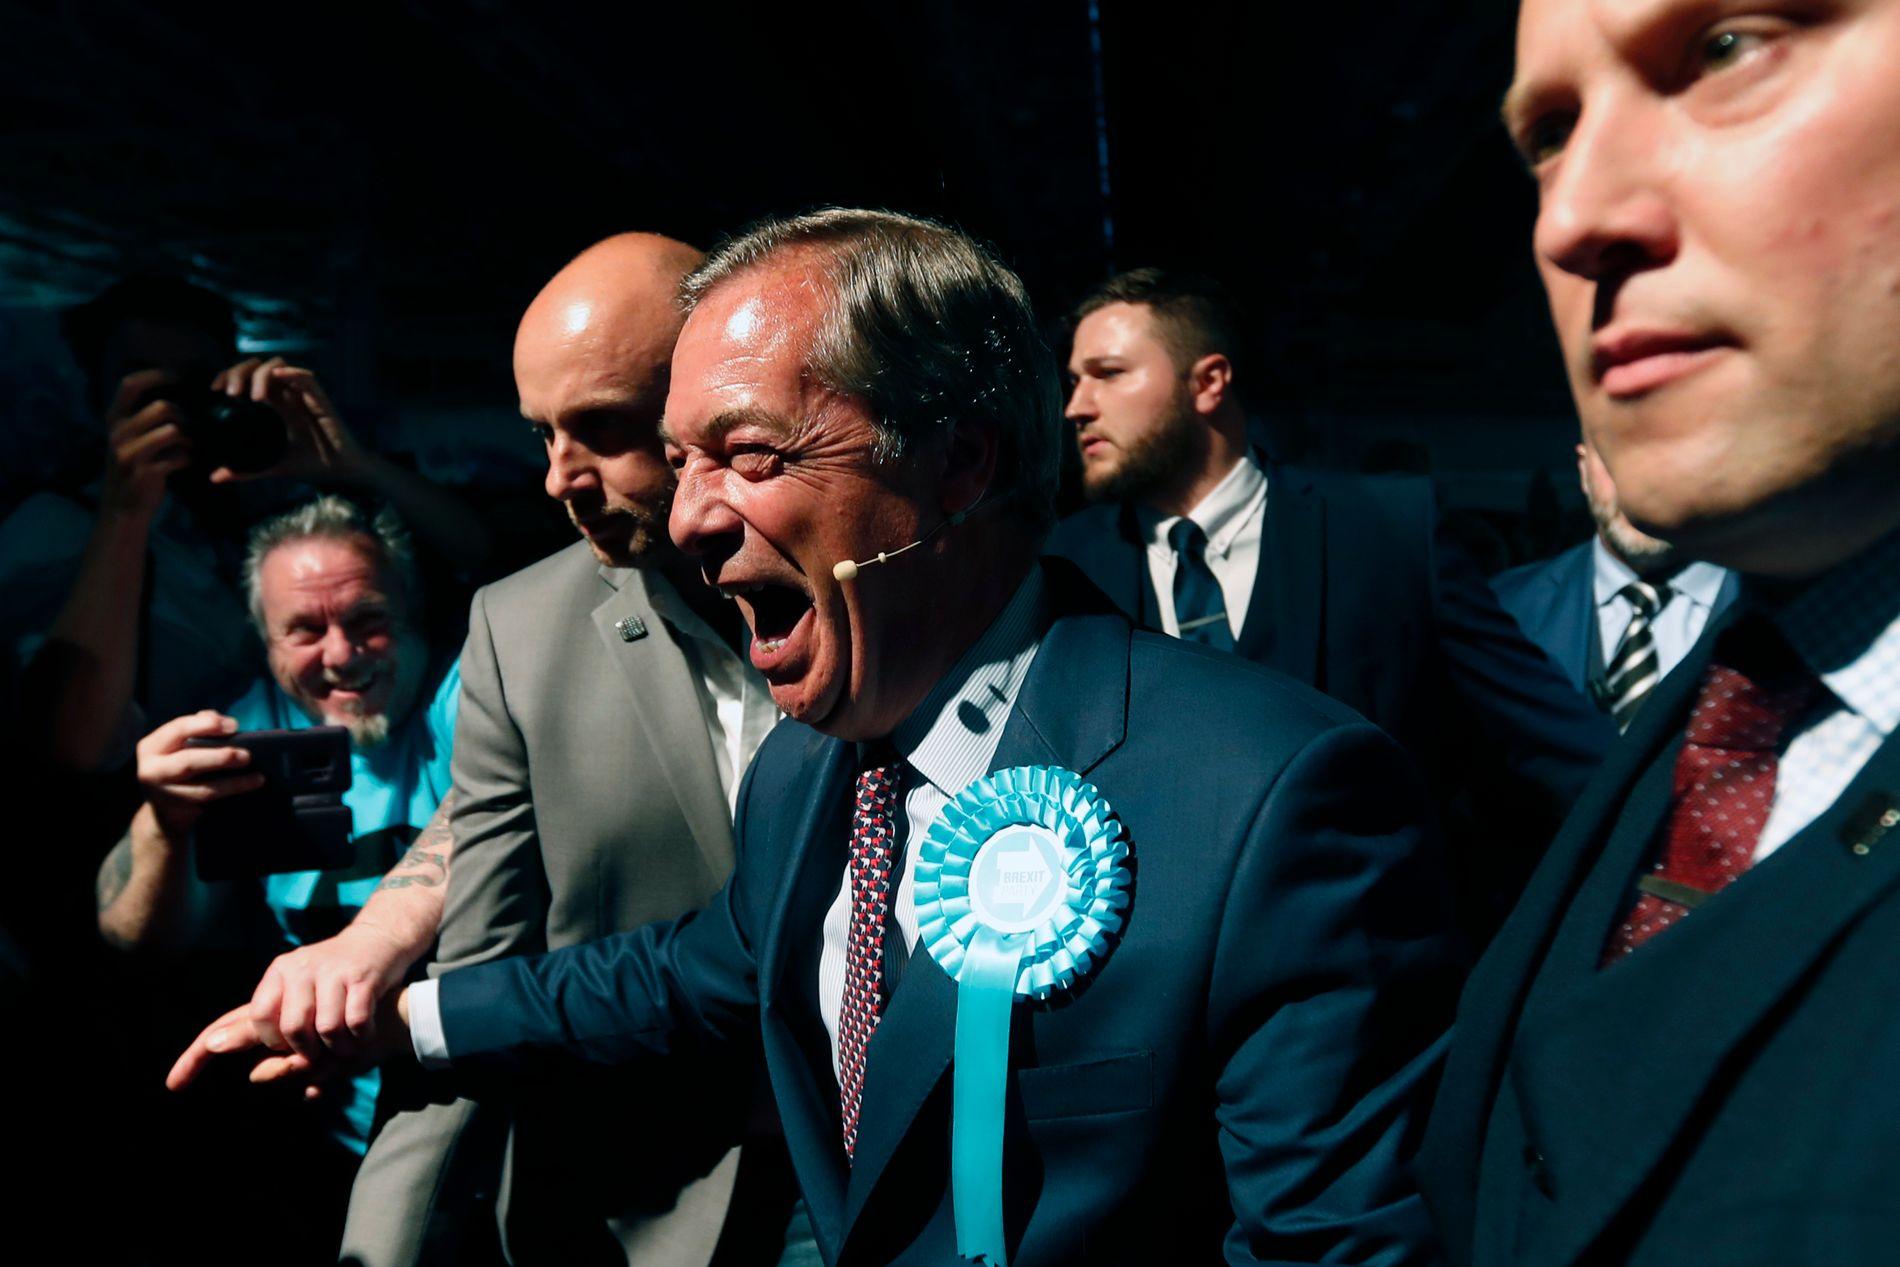 JUBLENDE GLAD: Brexit-general Nigel Farage sitt nyoppstartede parti, Brexit Party, har gjort et brakvalg.